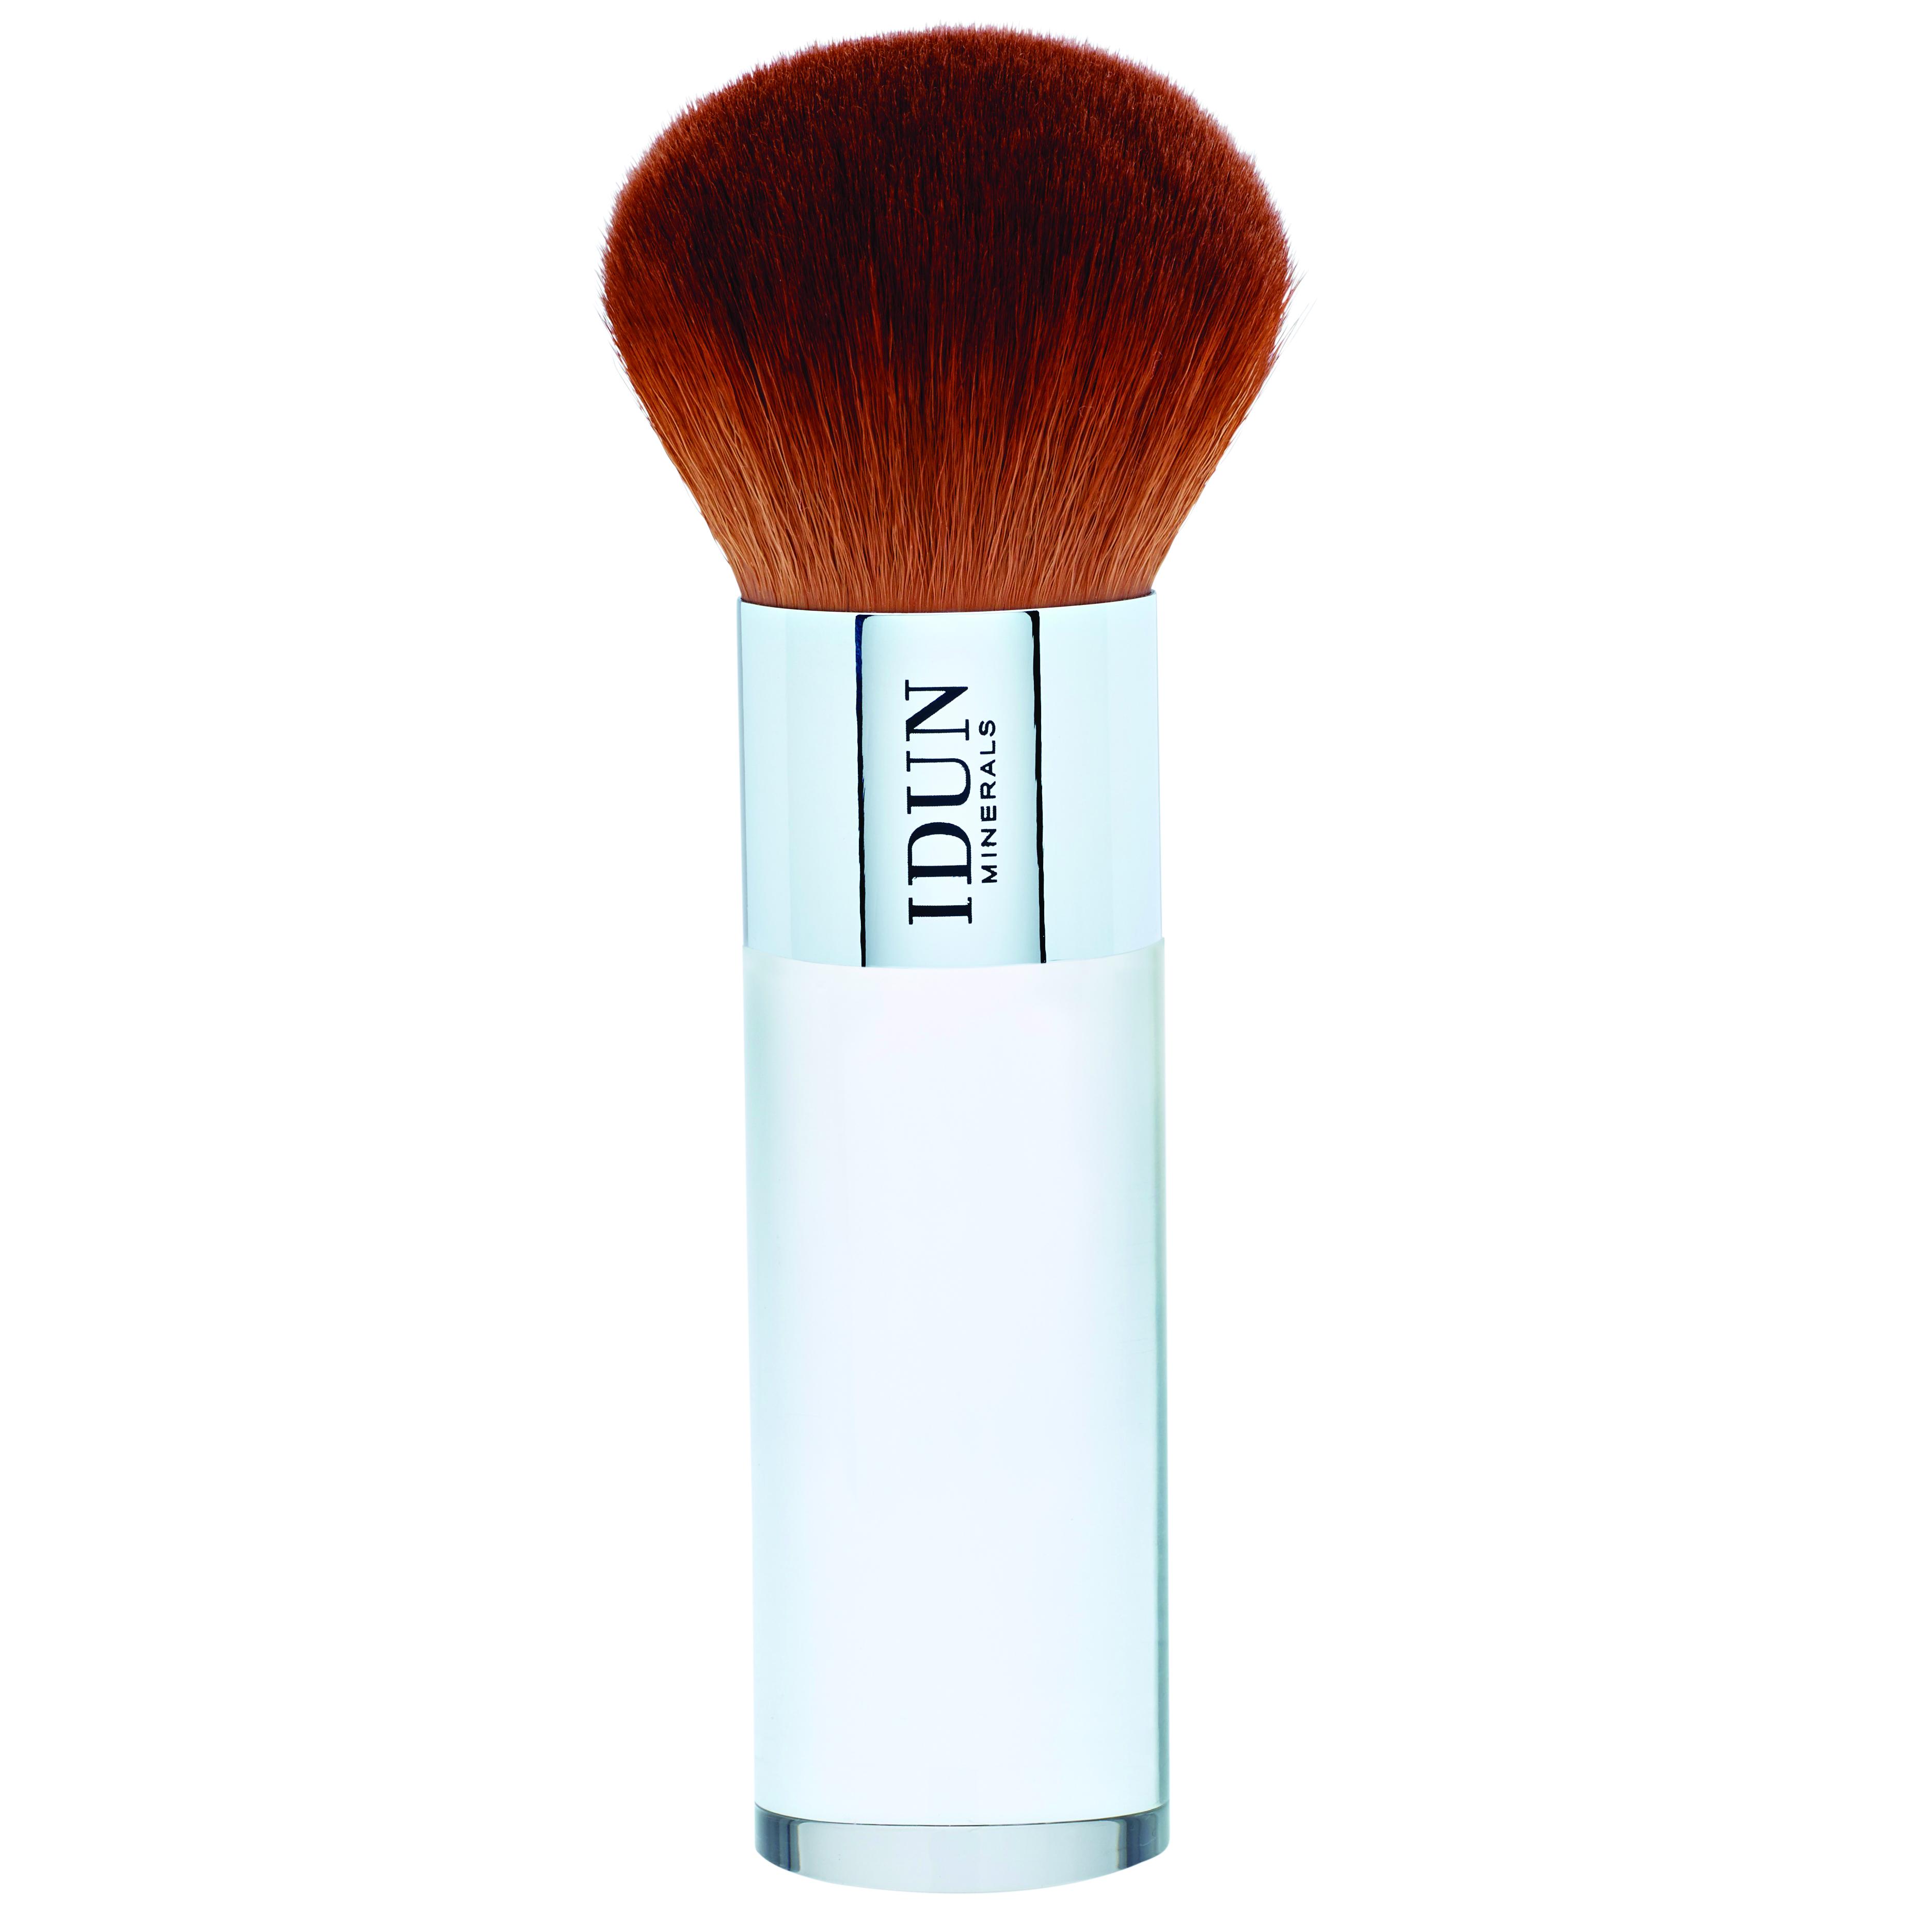 IDUN Large Powder Brush